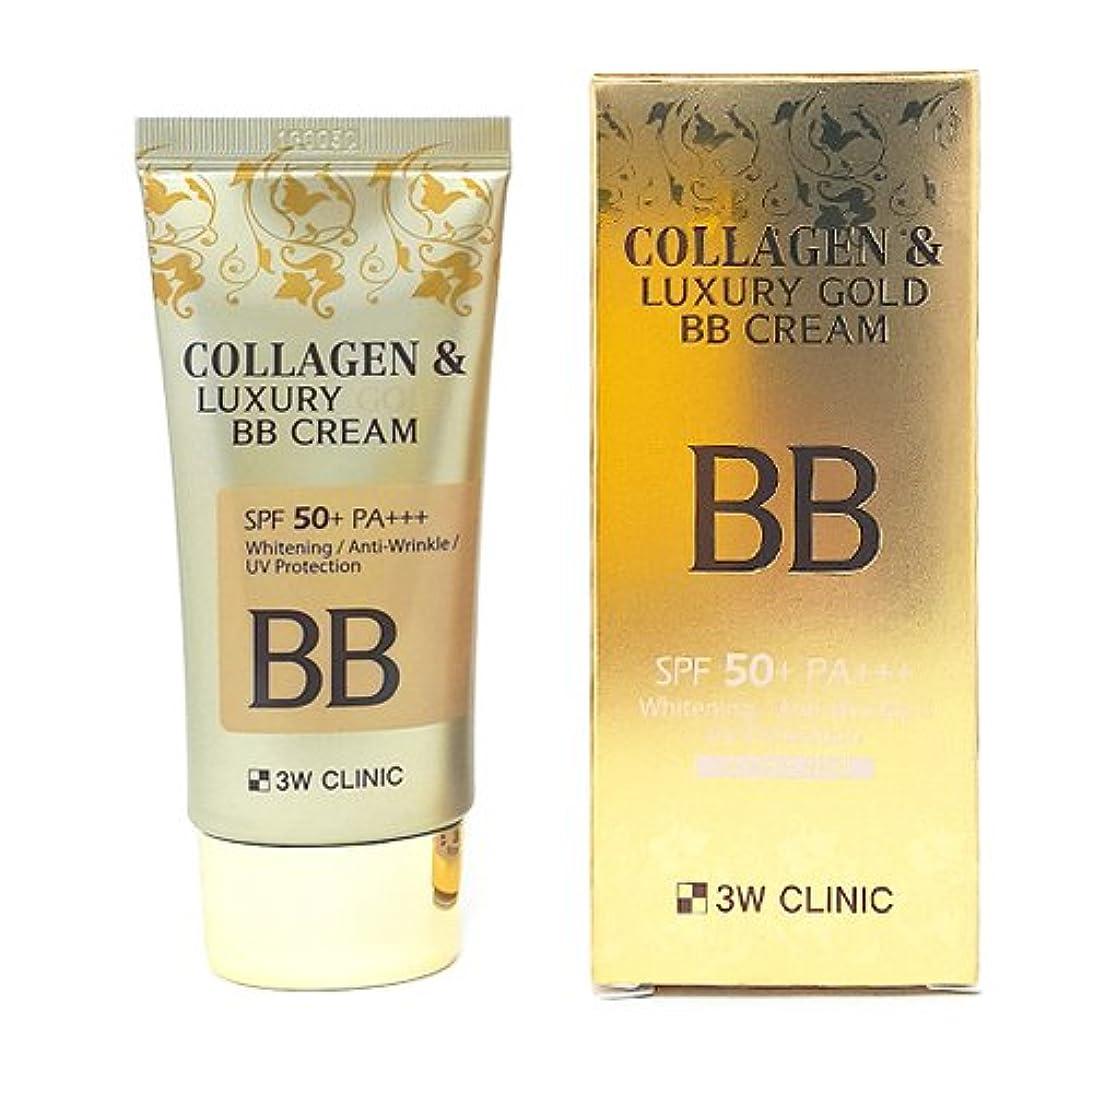 生きる農学支配的3Wクリニック[韓国コスメ3w Clinic]Collagen & Luxury Gold BB Cream コラーゲンラグジュアリーゴールド BBクリーム50ml 50+/PA+++[並行輸入品]